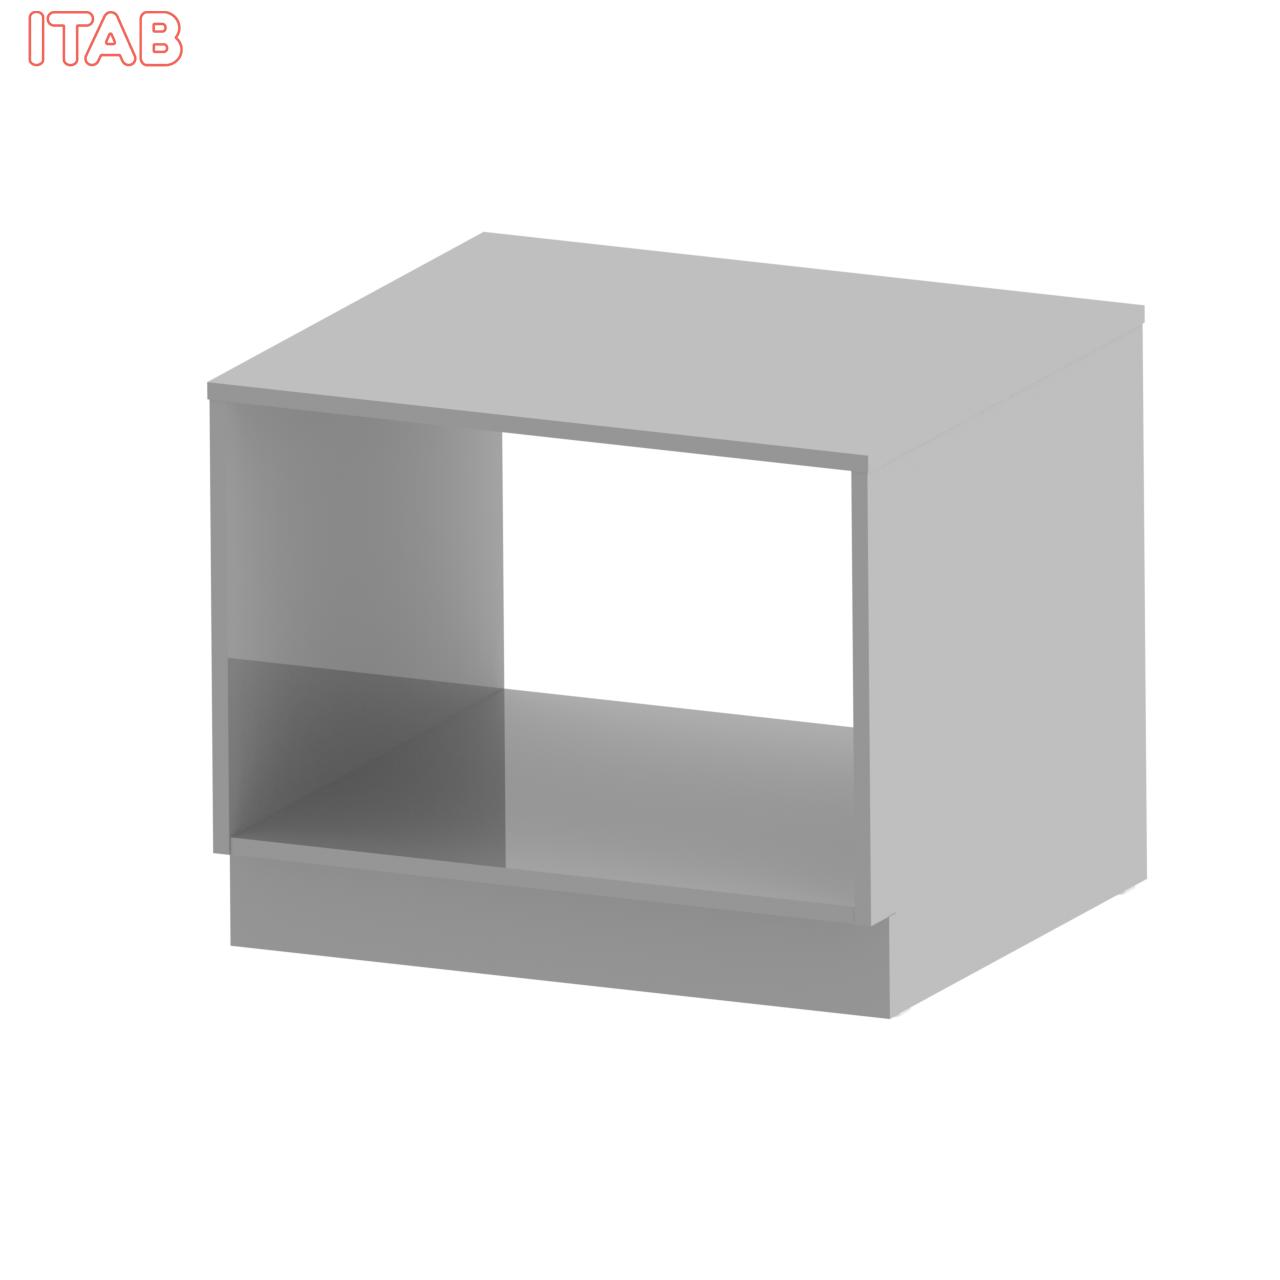 Valaisinpöytä 90x80x73